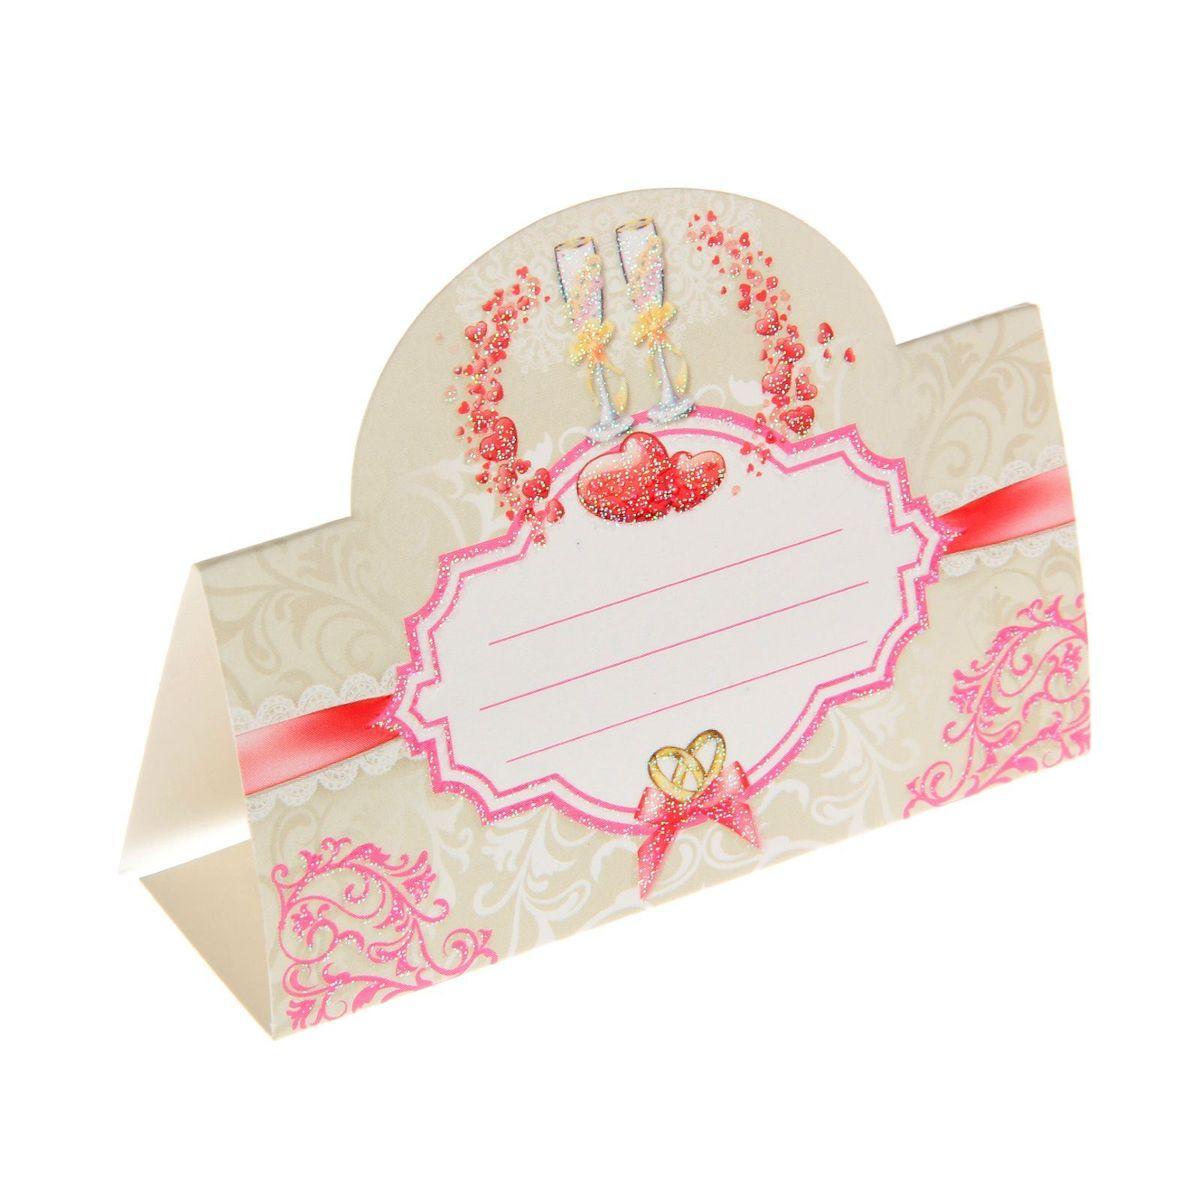 Миленд Банкетная карточка. 12187161218716Красиво оформленный свадебный стол— это эффектное, неординарное и очень значимое обрамление для проведения любого запланированного вами торжества. Банкетная карточка — это красивое и оригинальное украшение зала, которое дополнит выдержанный стиль мероприятия и передаст праздничное настроение вам и вашим гостям.